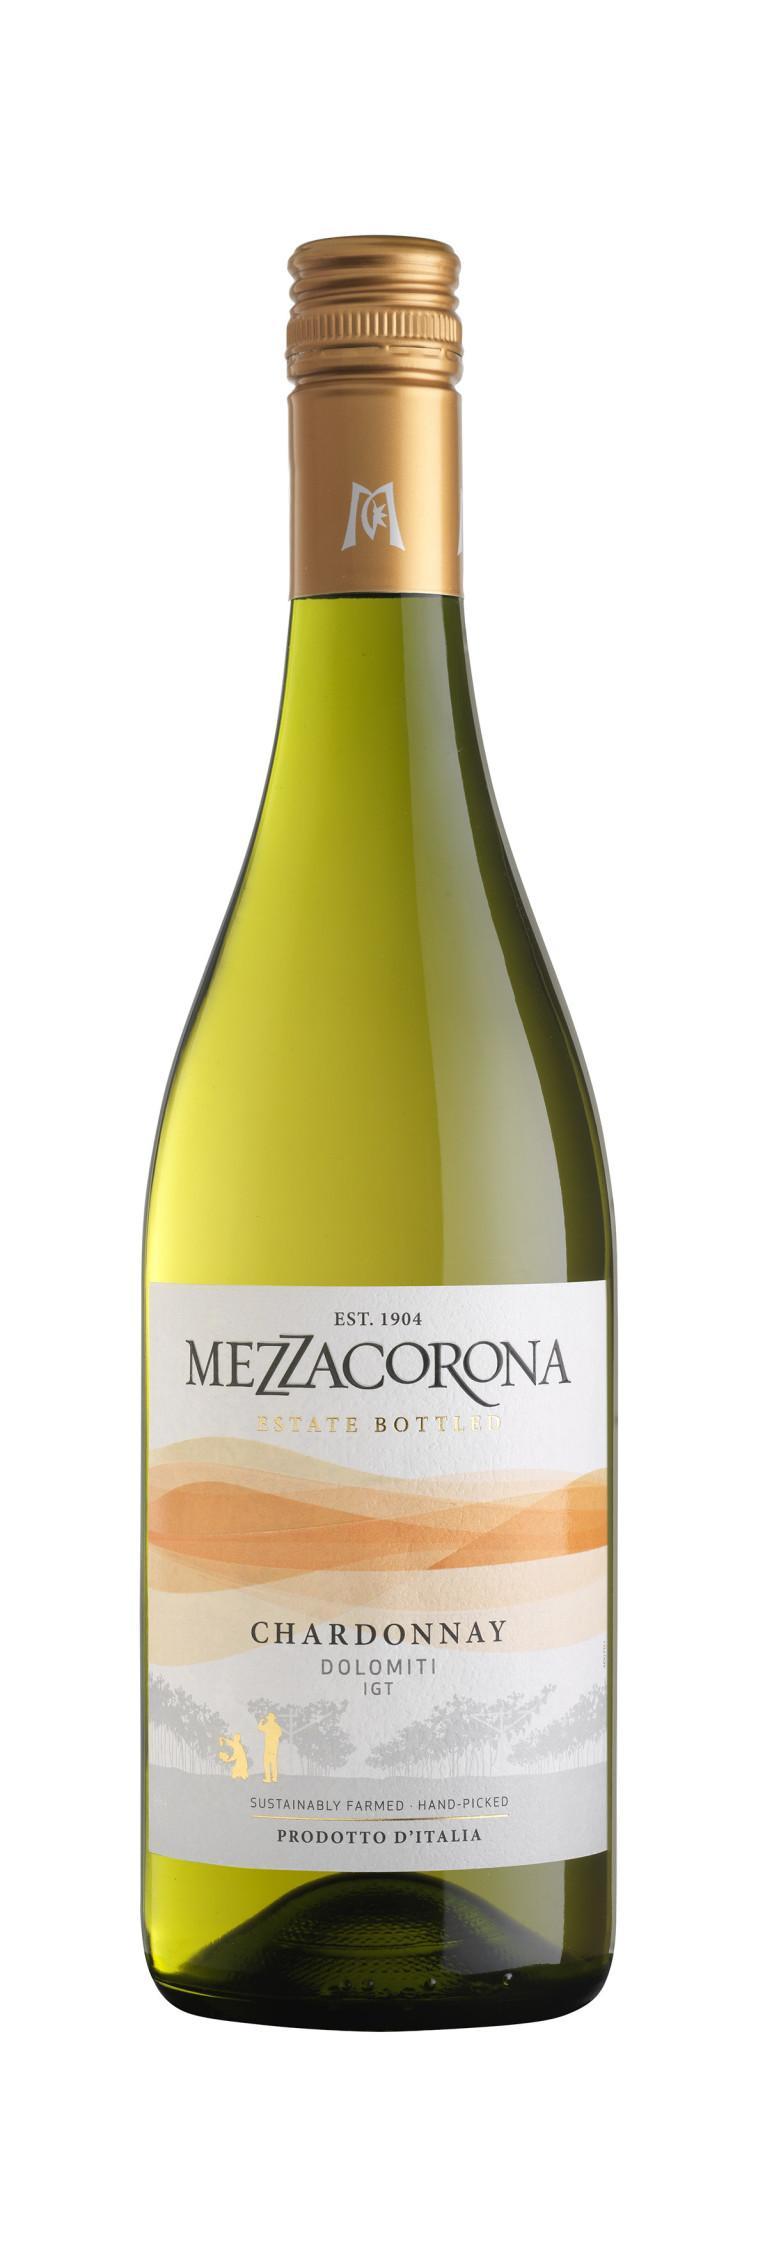 יין של יקב מצה-קורונה. צילום: יח